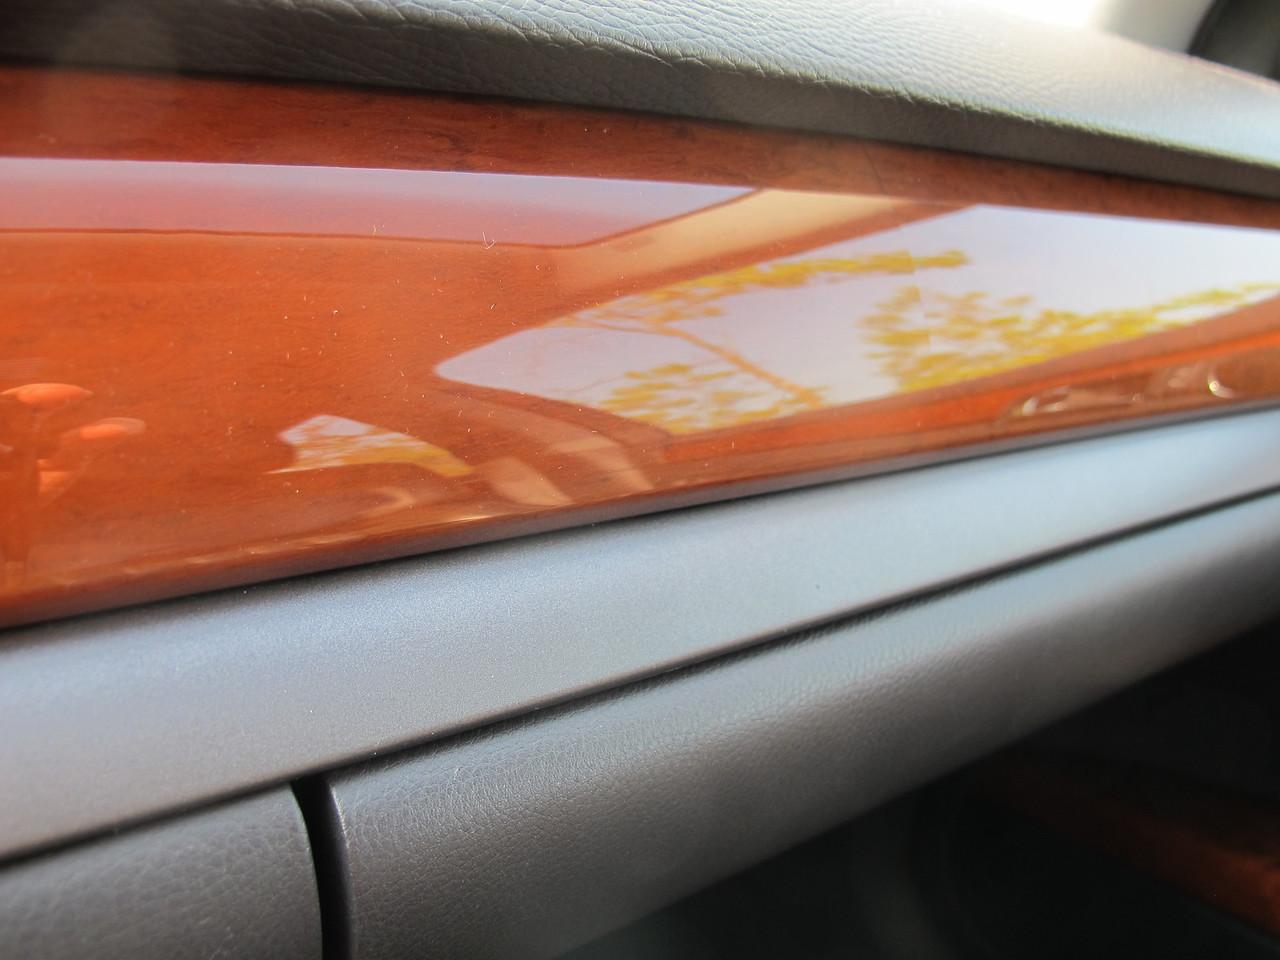 Crack in the dashboard wood trim veneer.